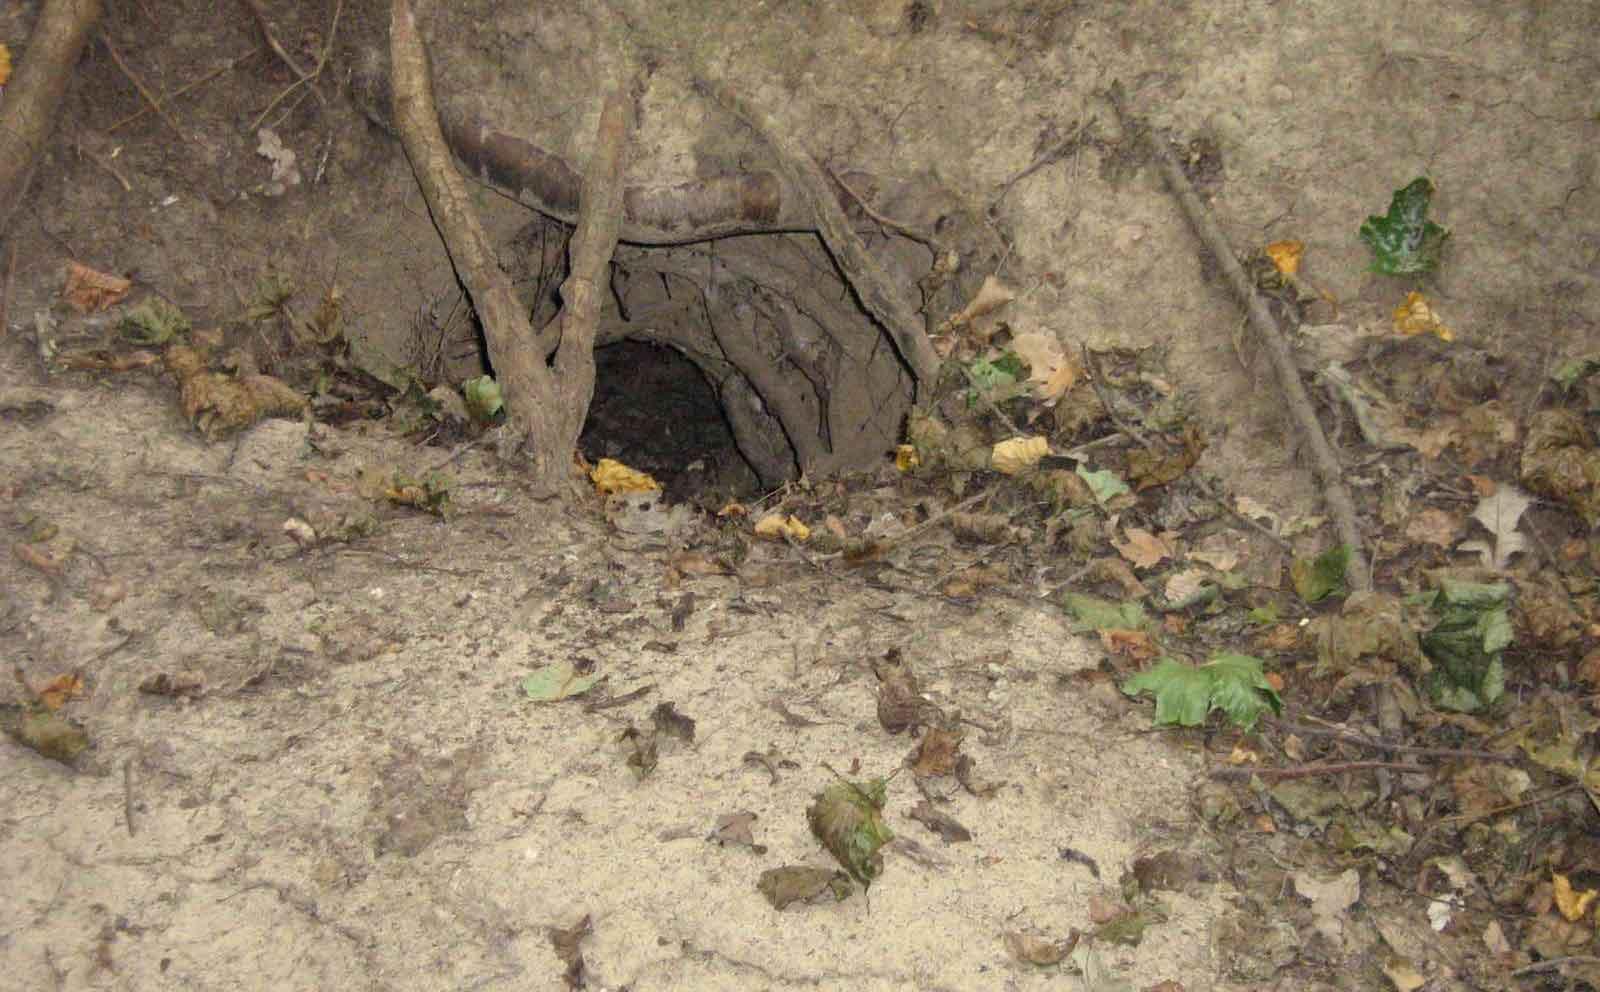 Норы барсуков - это сложные подземные сооружения